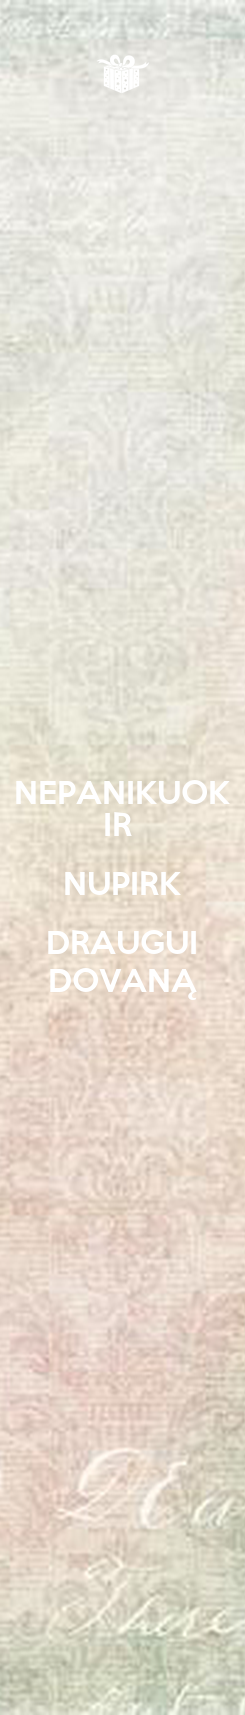 Poster: NEPANIKUOK IR  NUPIRK DRAUGUI DOVANĄ